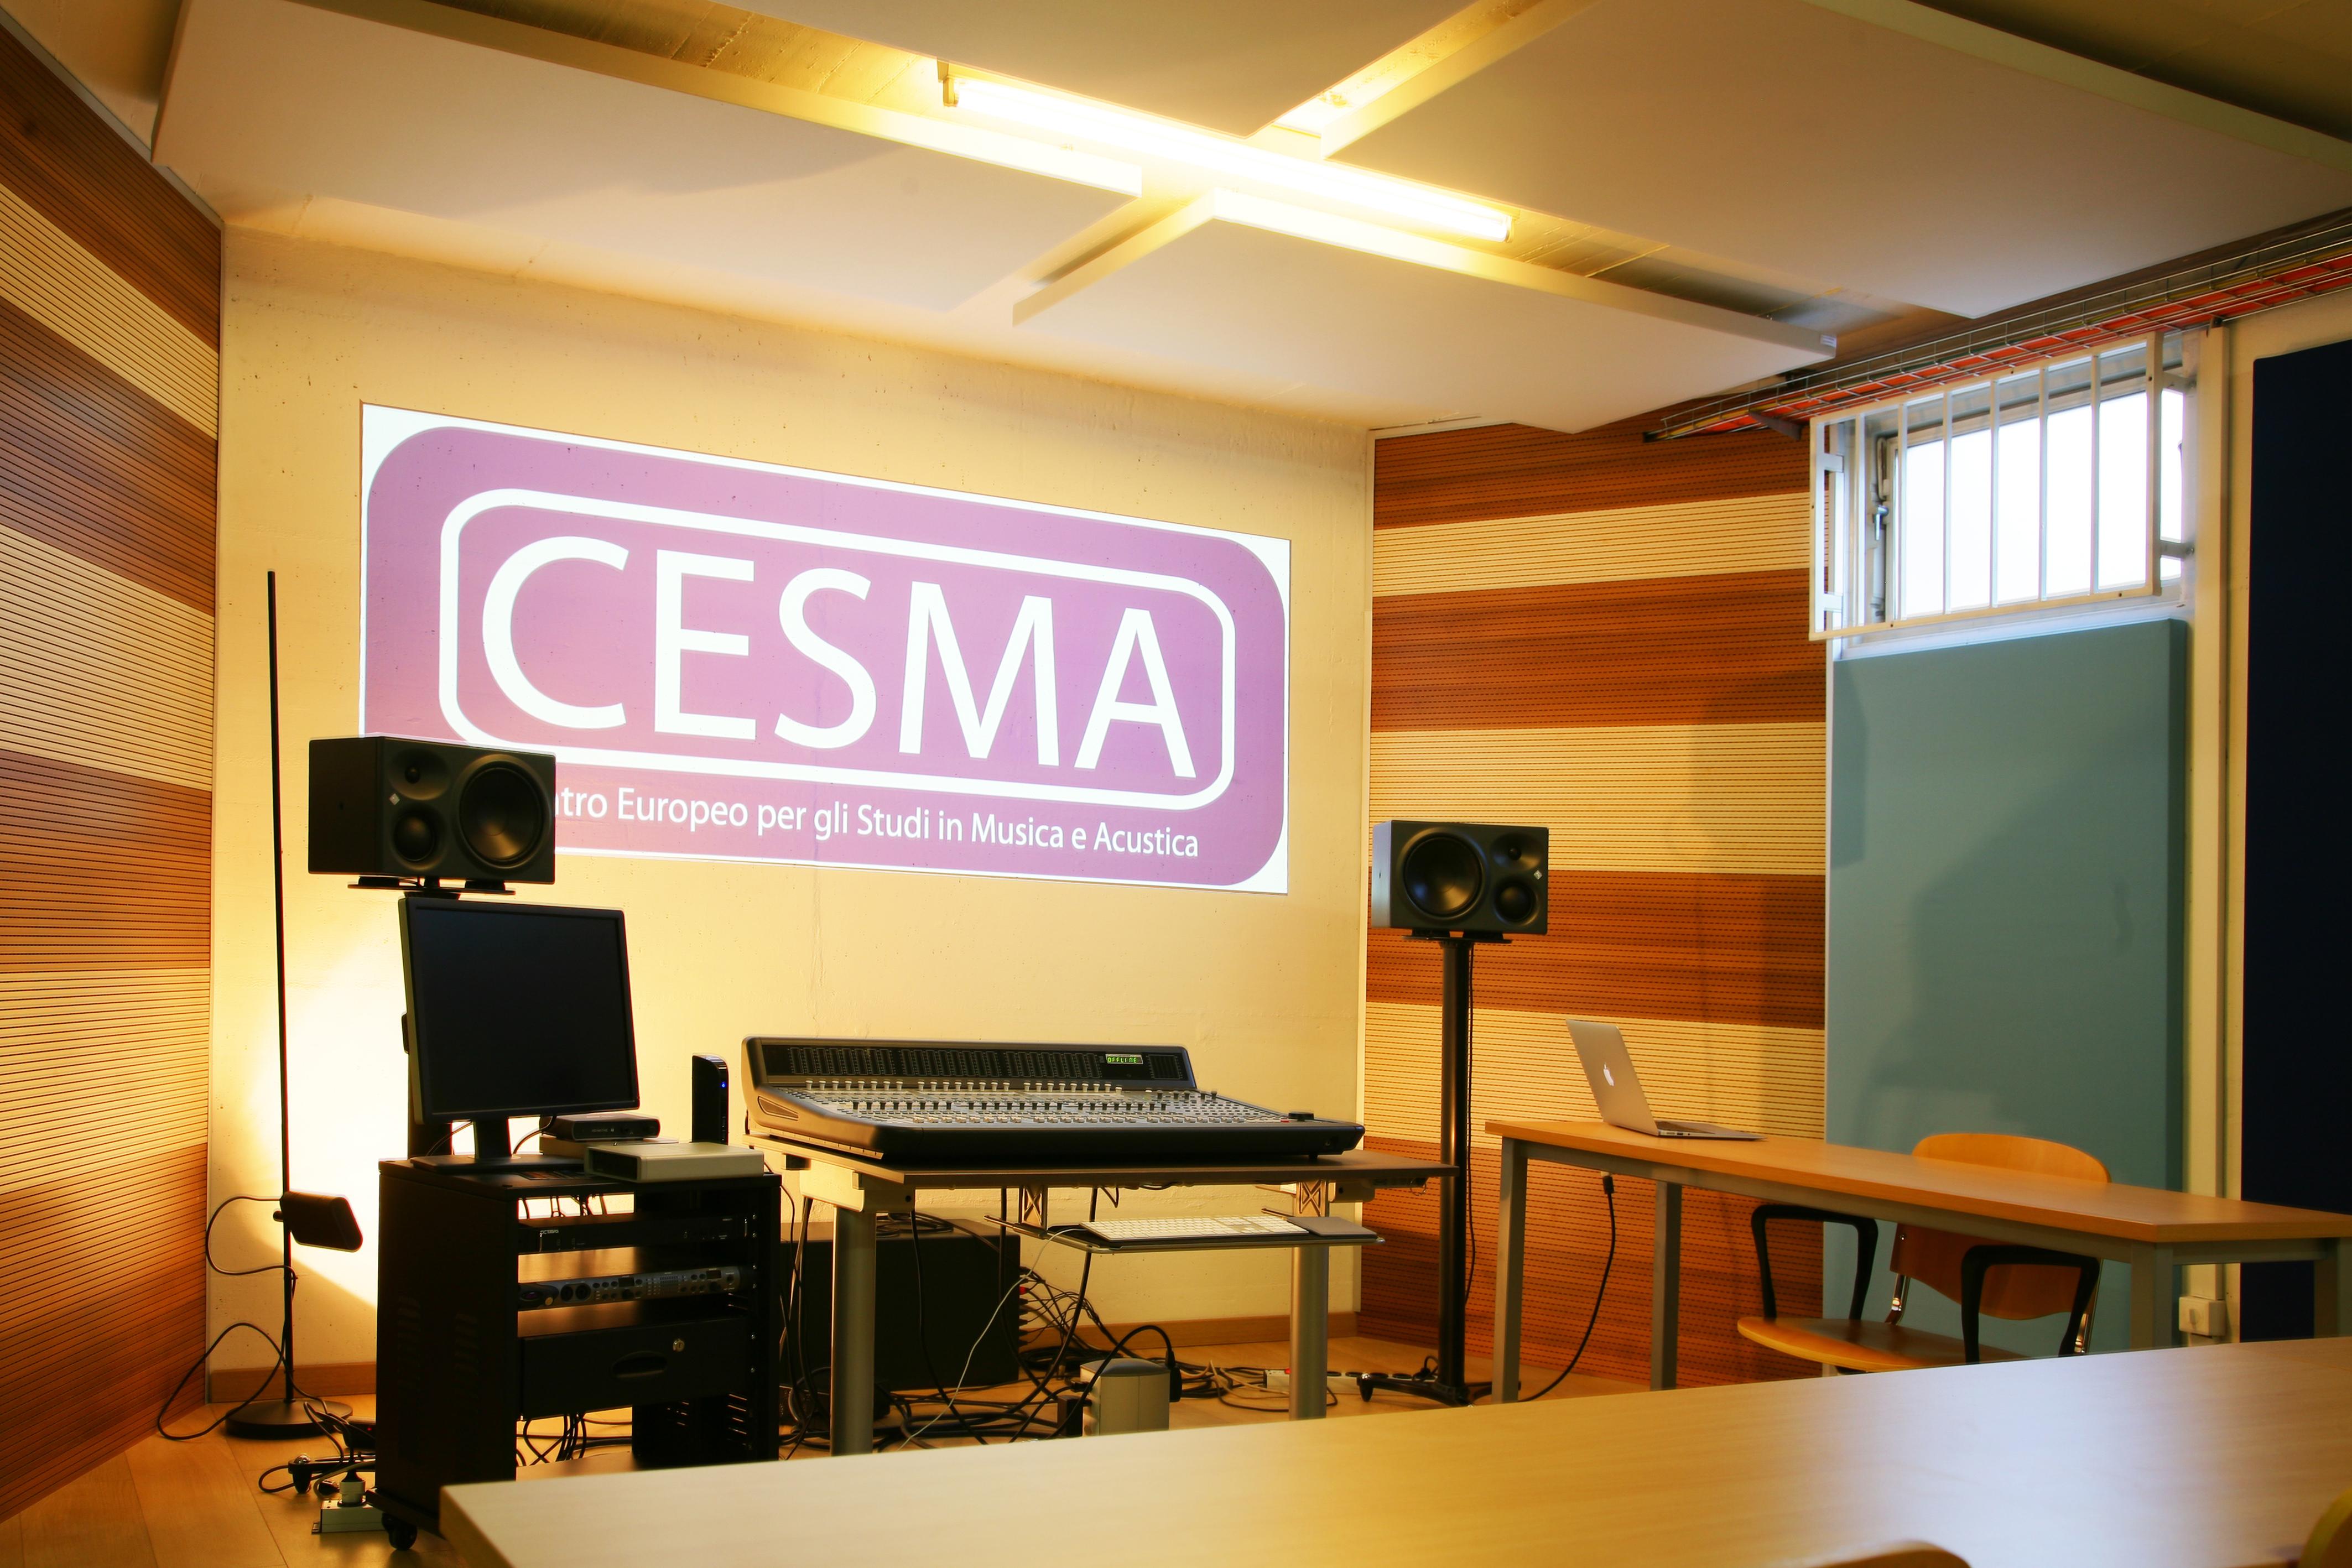 CESMA – Centro Europeo per gli Studi in Musica e Acustica